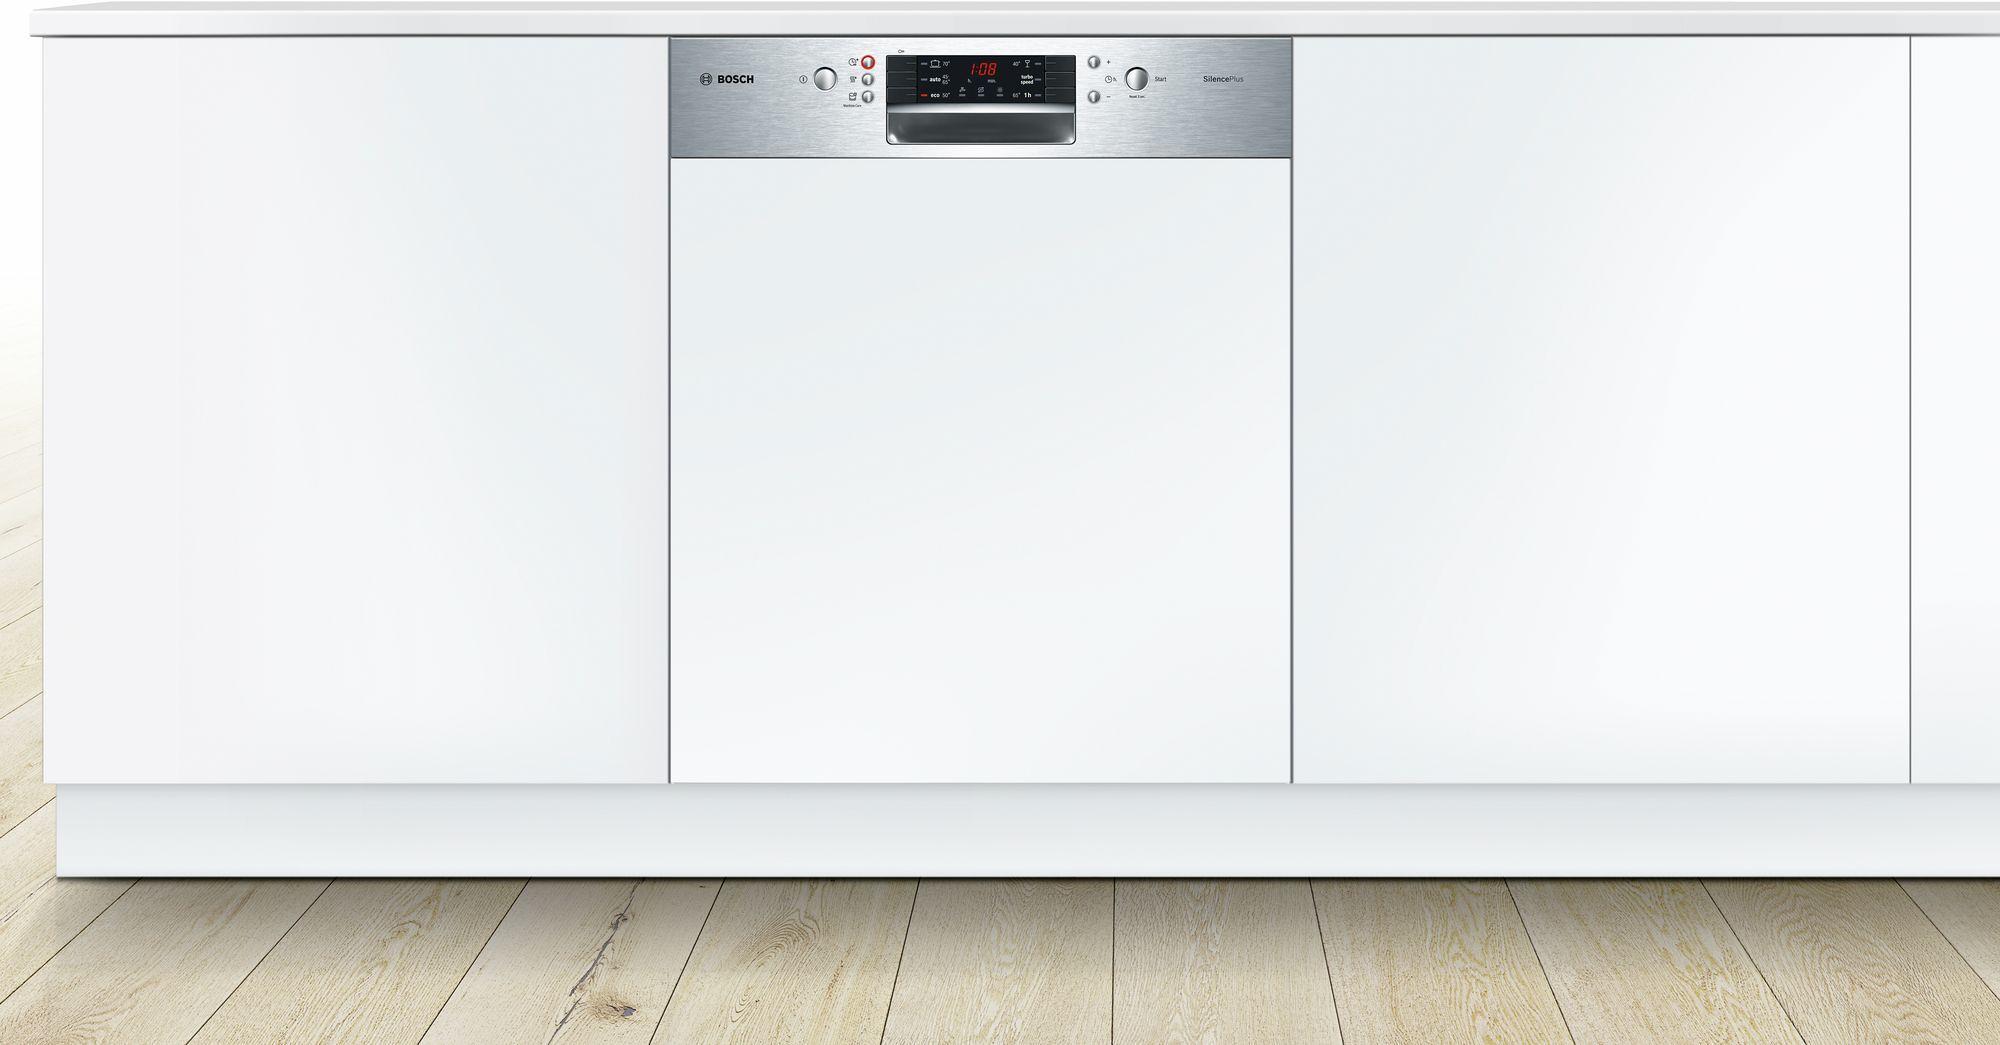 Bosch Kühlschrank Ersatzteile Schweiz : Bosch smi gs e a integrierbarer geschirrspüler cm breit